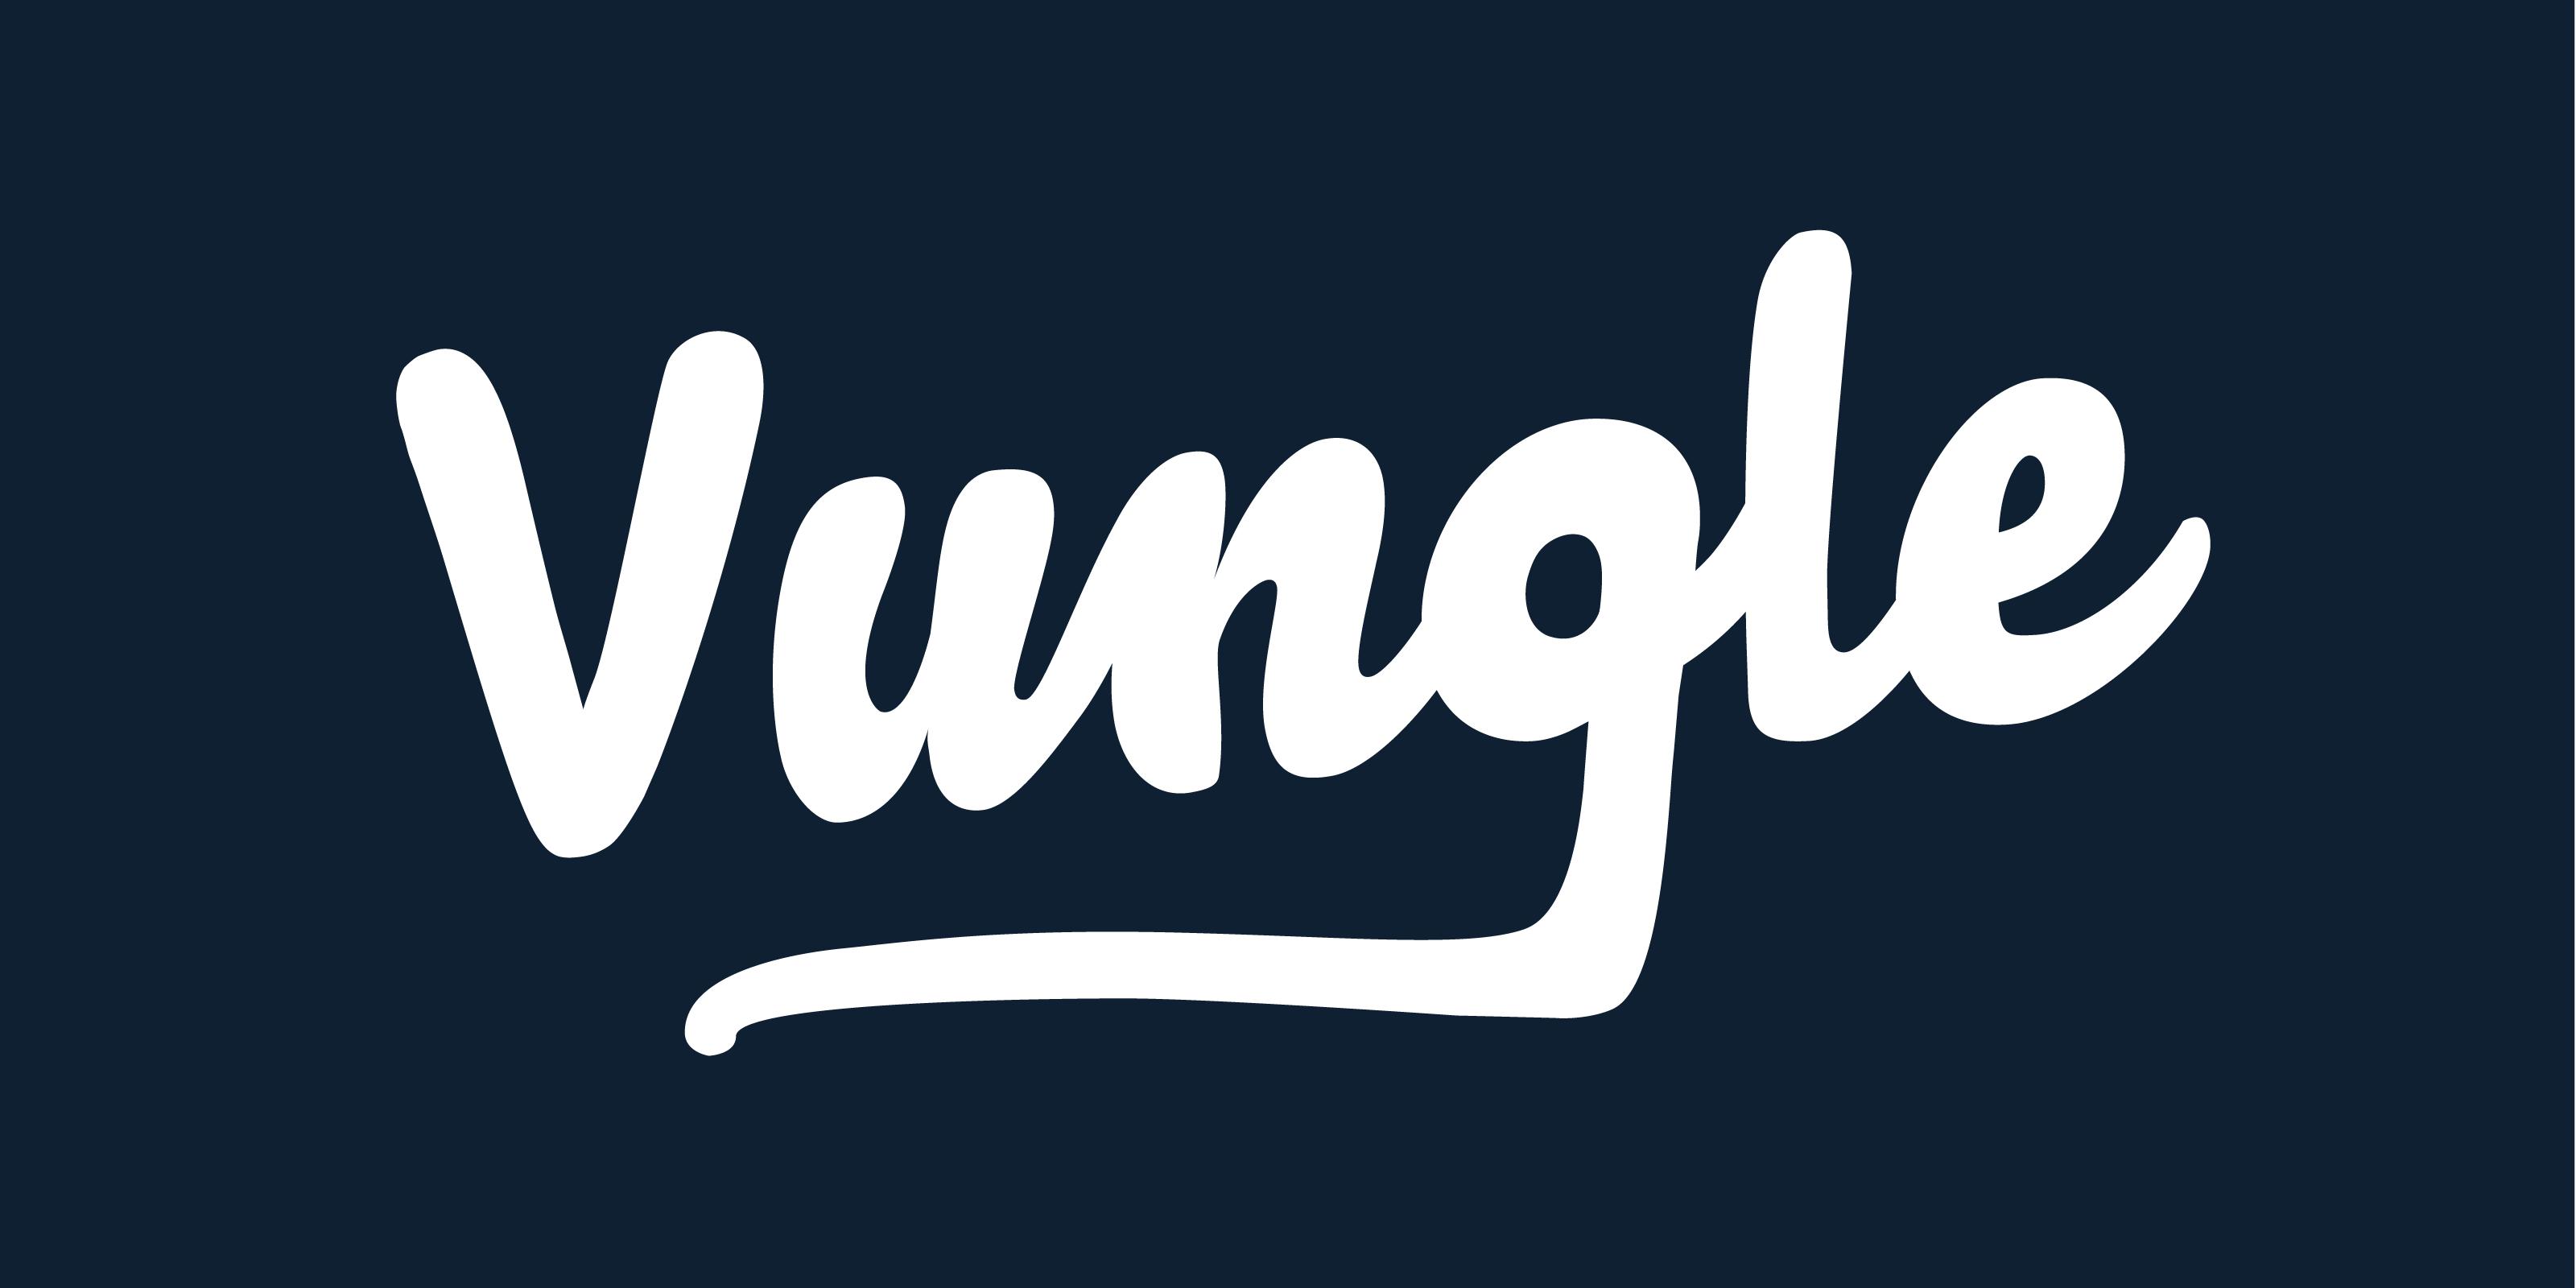 Vungle_navy_2x1_(1).png